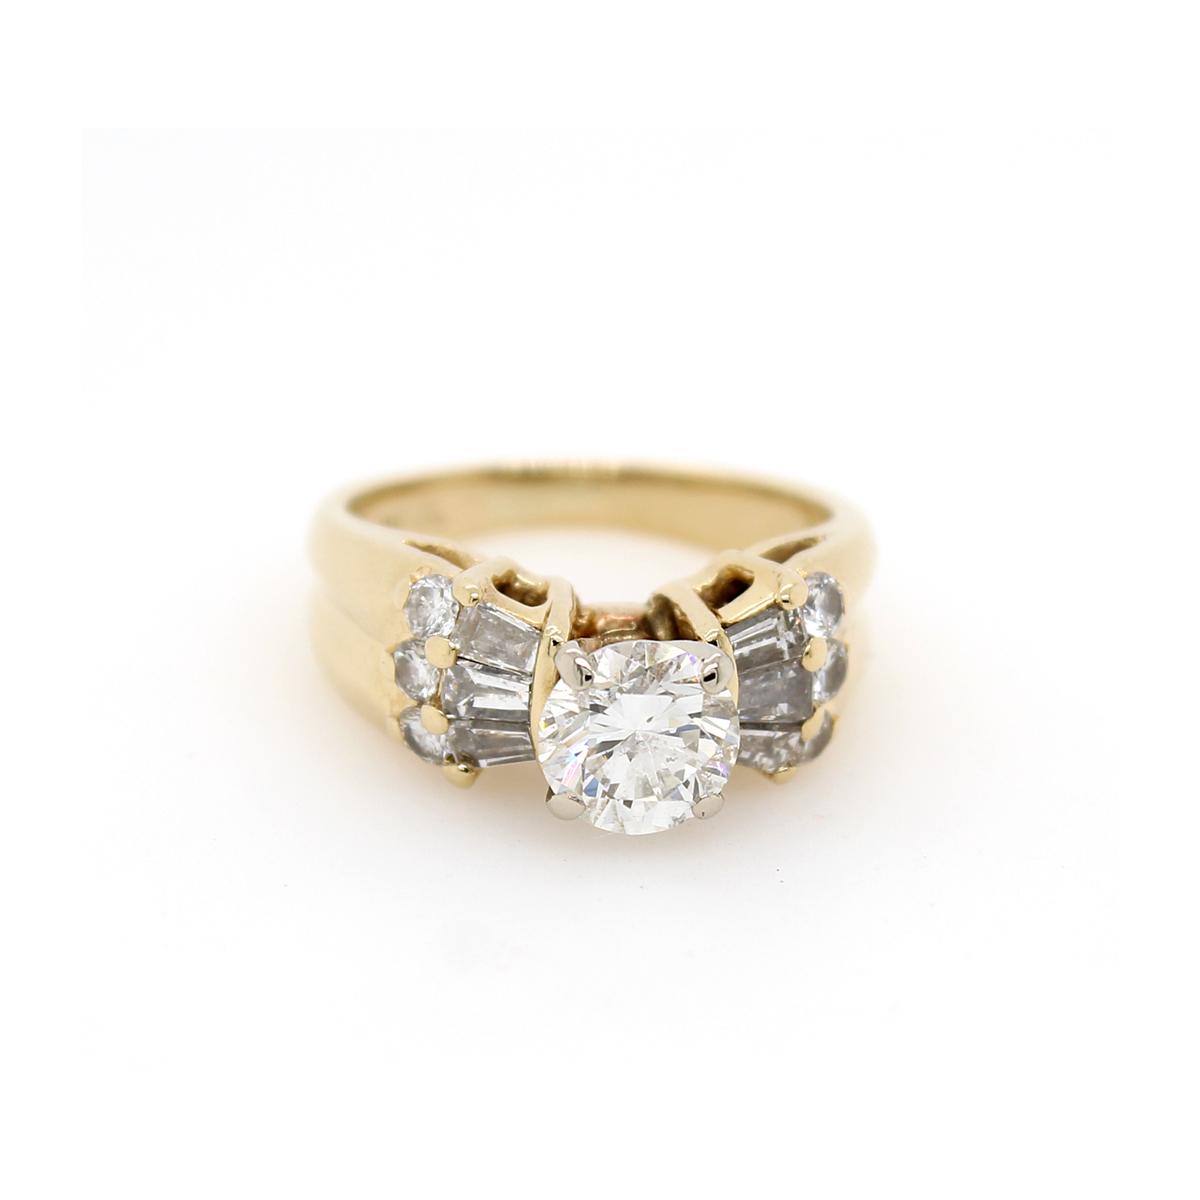 Vintage 14 Karat Yellow Gold Diamond Fashion Ring